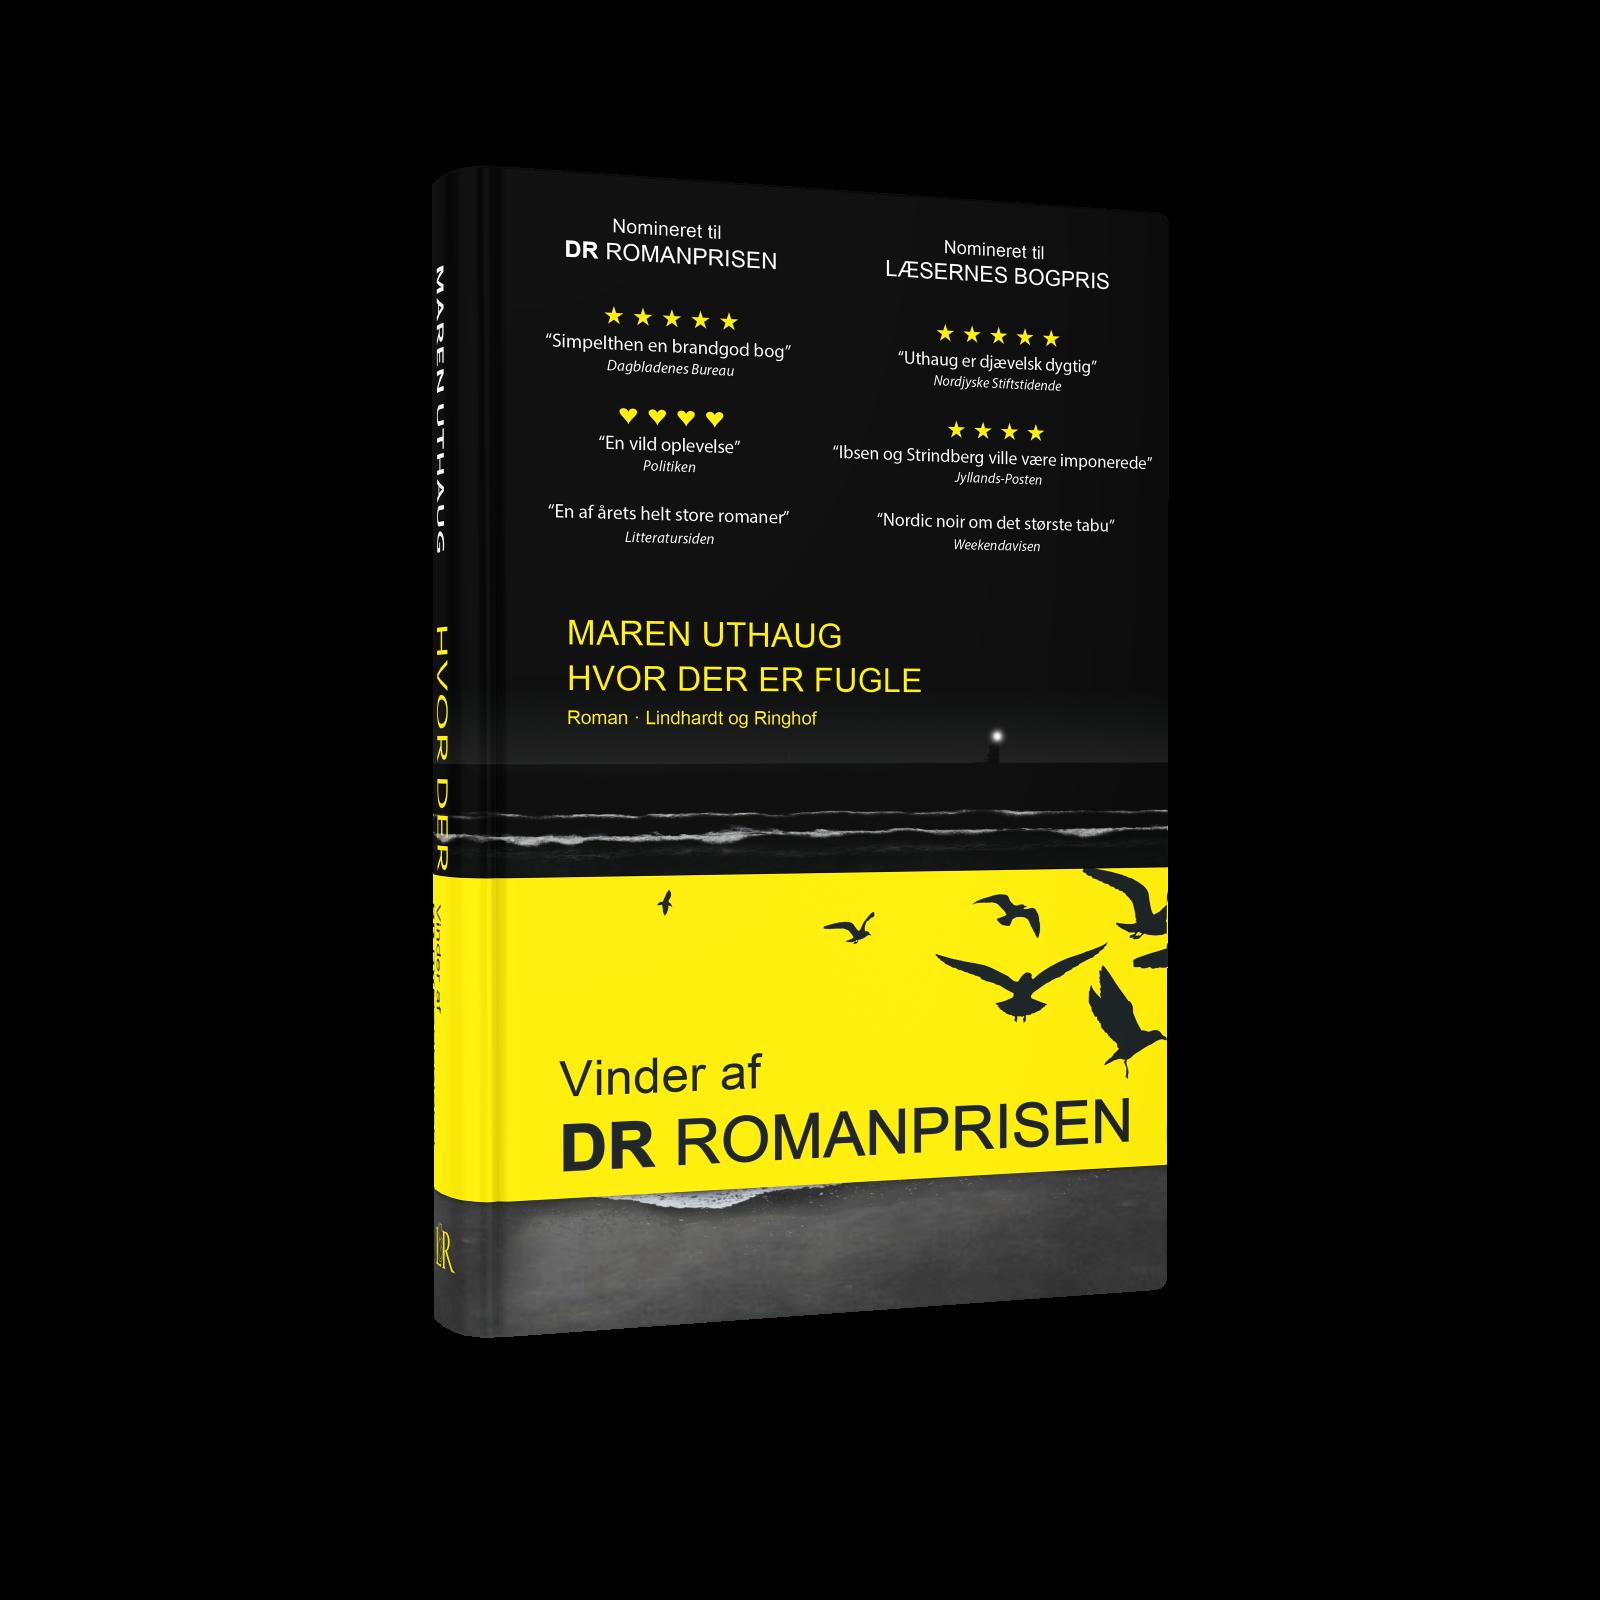 Maren Uthaug, Hvor der er fugle, DR Romanprisen 2018